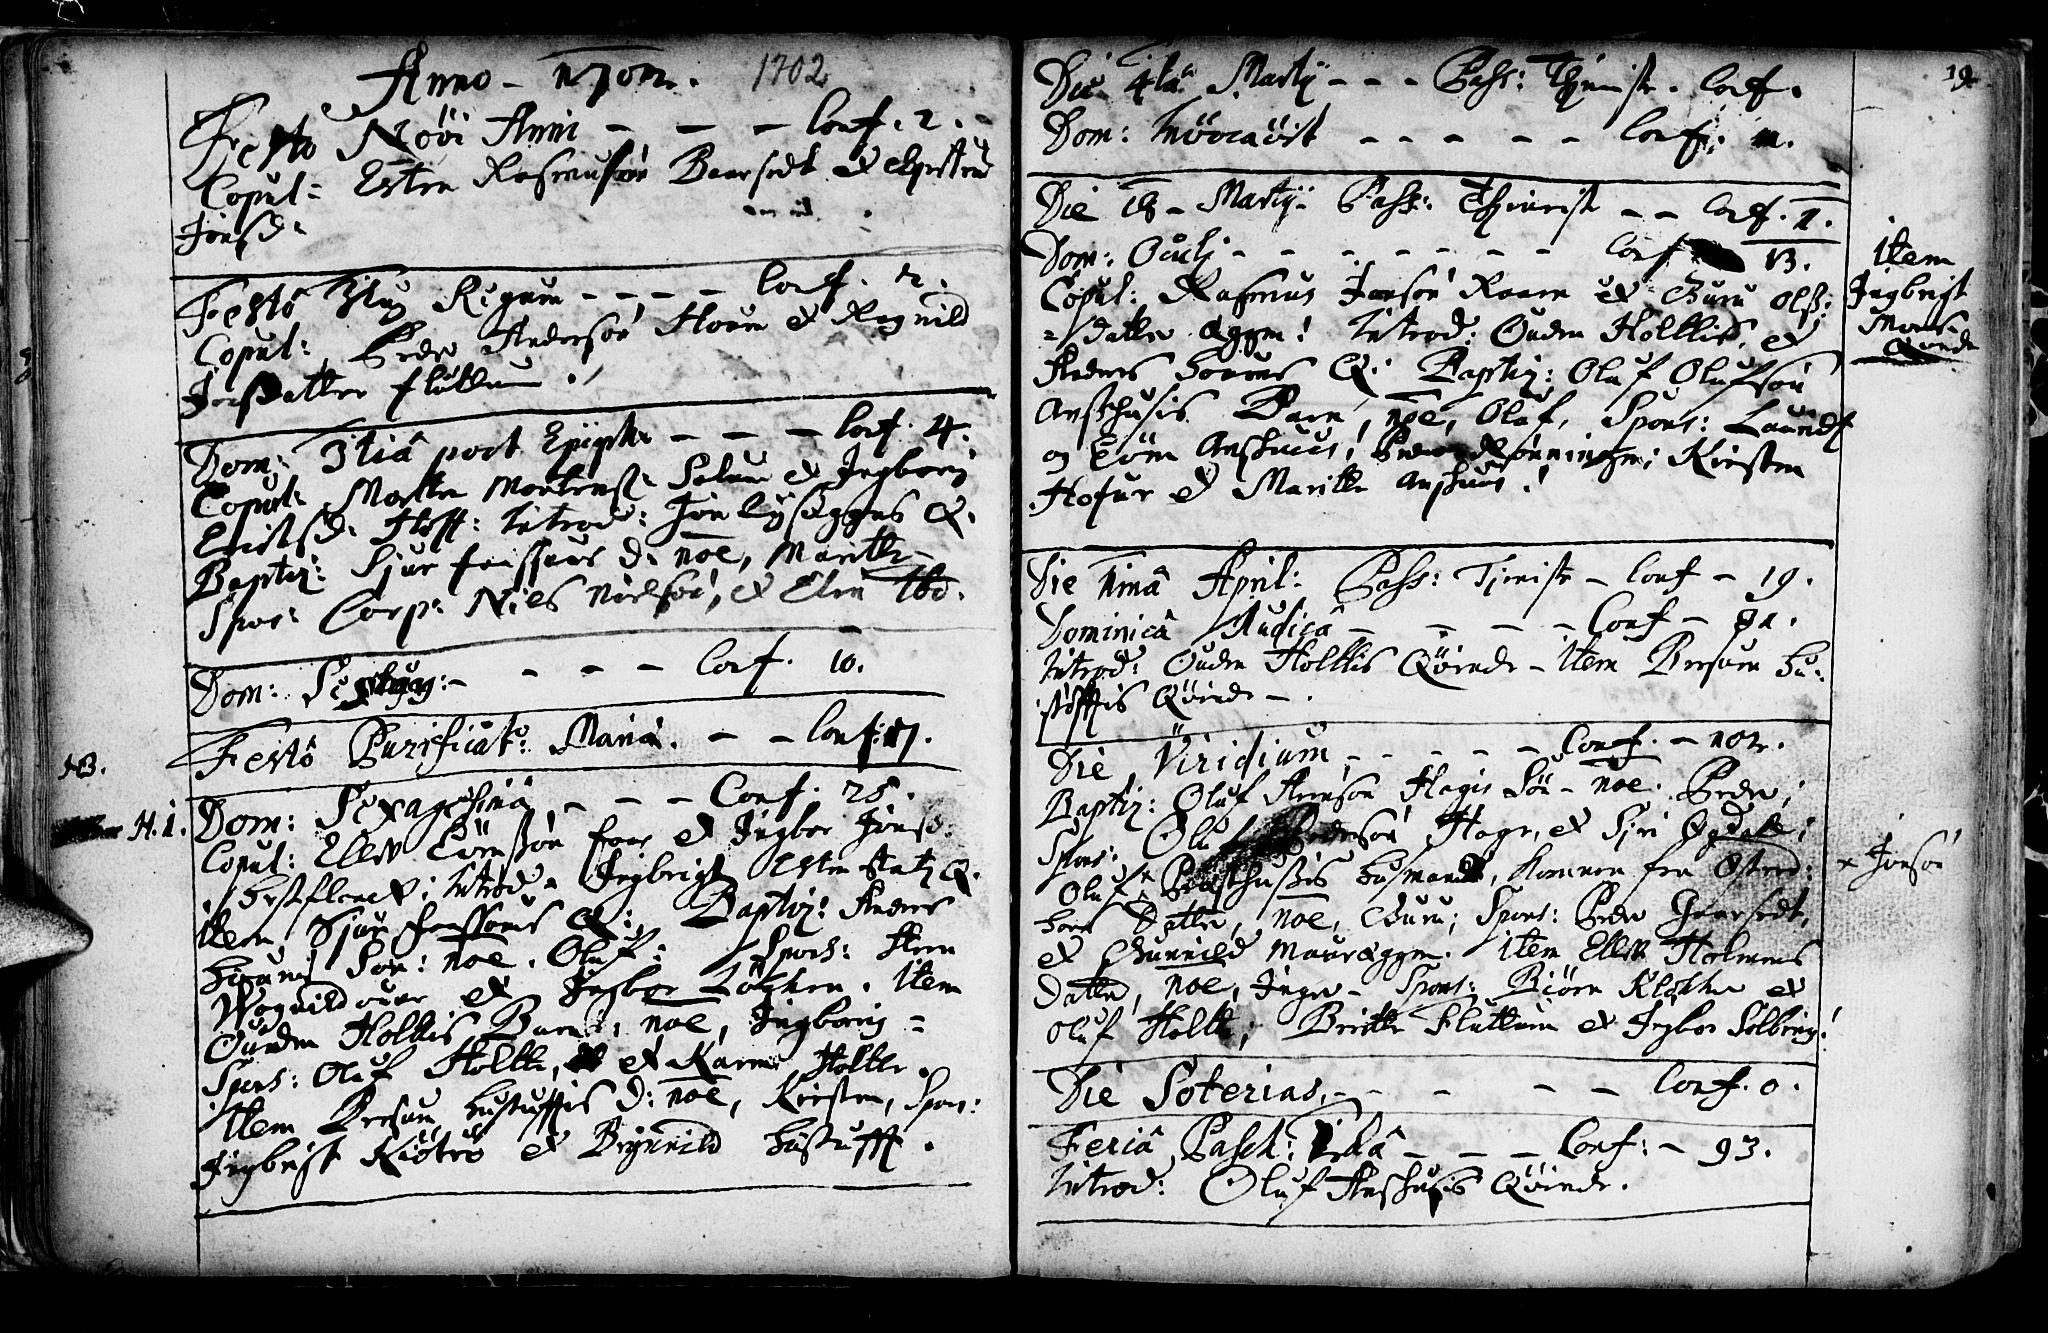 SAT, Ministerialprotokoller, klokkerbøker og fødselsregistre - Sør-Trøndelag, 689/L1036: Ministerialbok nr. 689A01, 1696-1746, s. 19